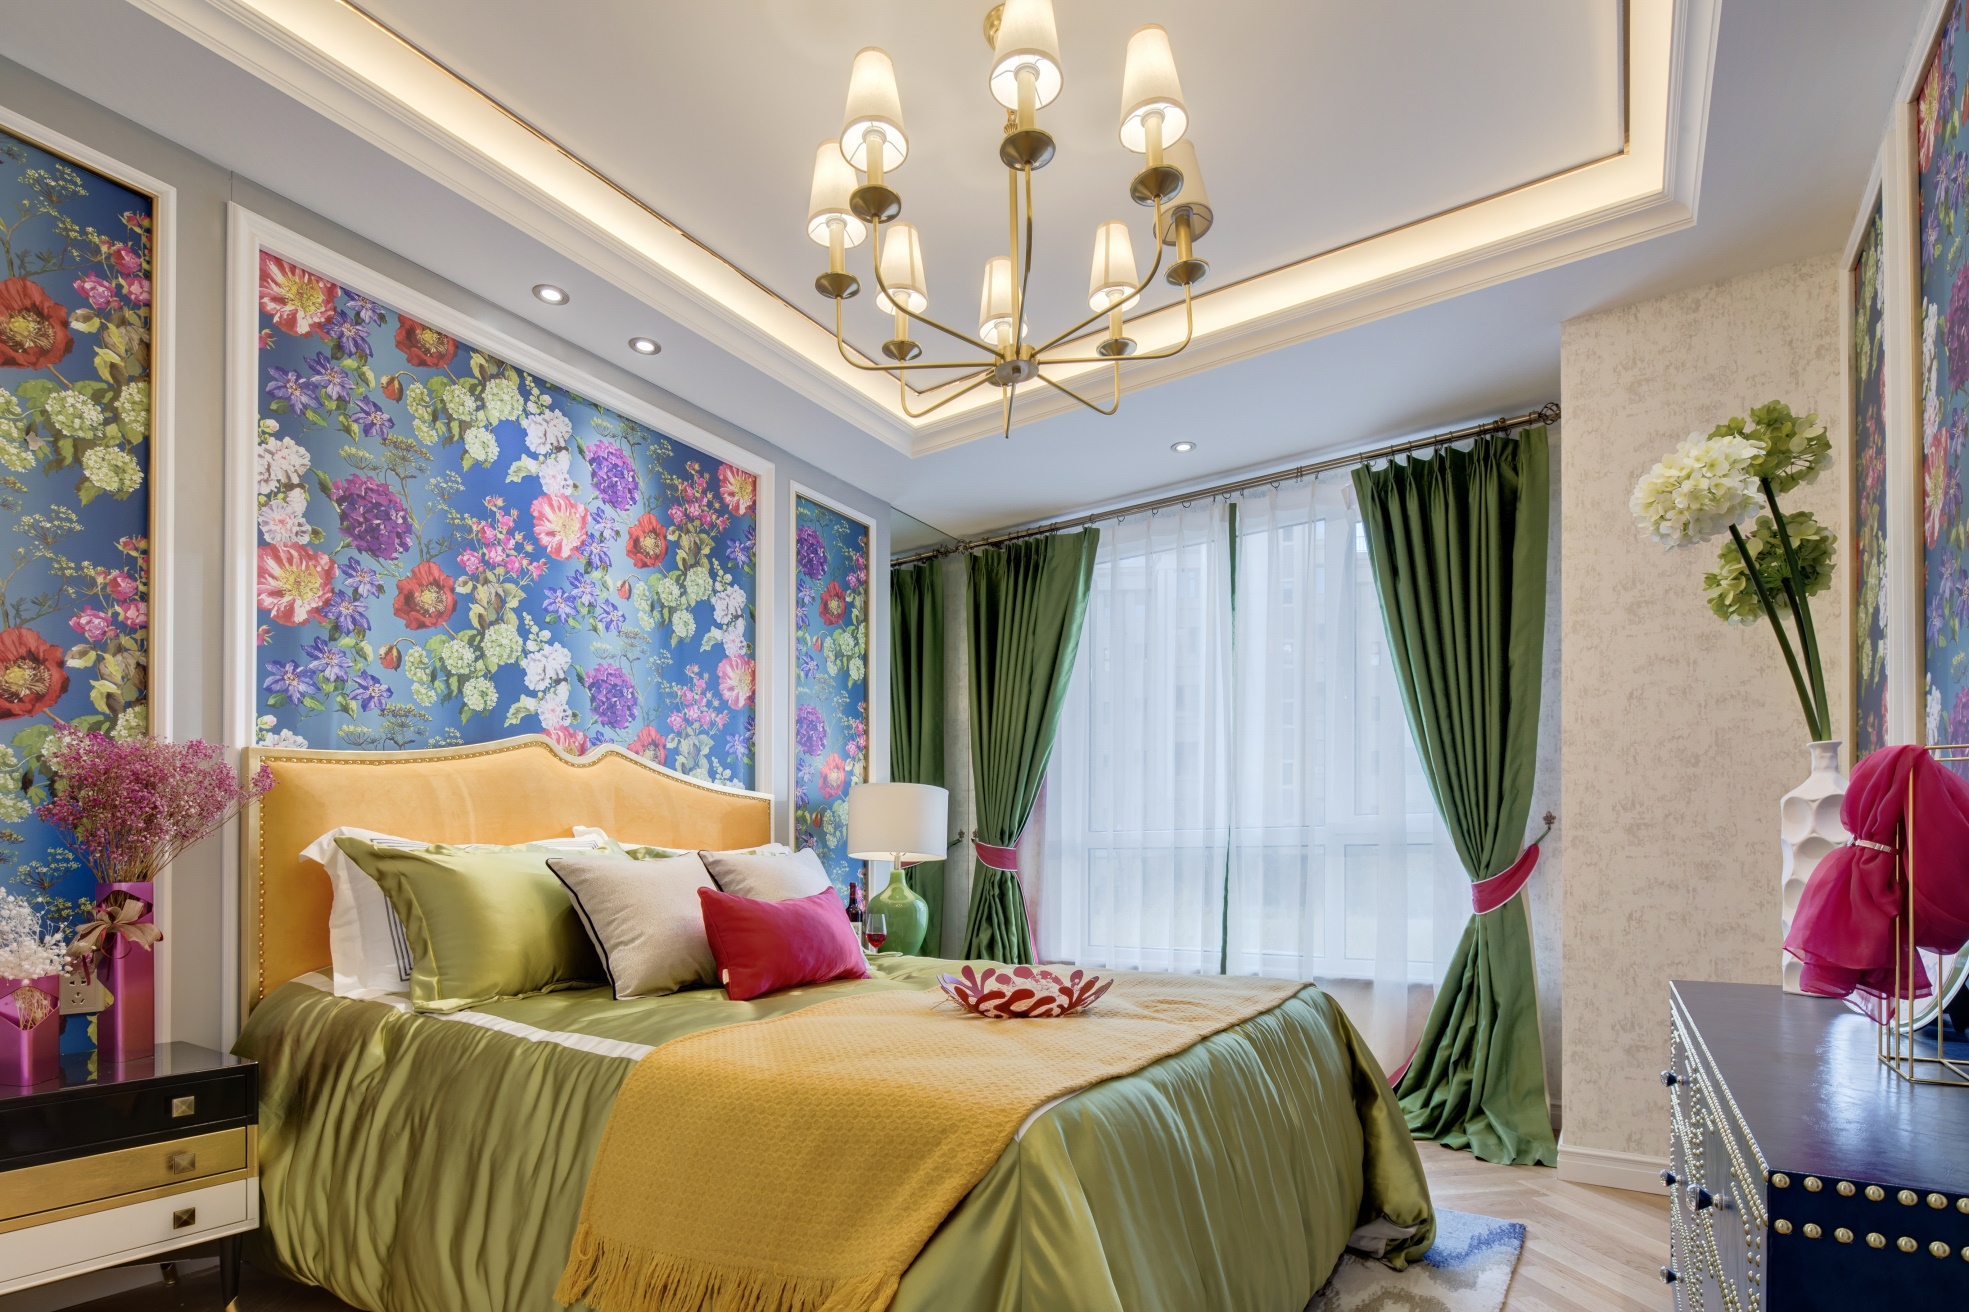 卧室色调华丽,欧式花色背景墙雅致大气,搭配祖母绿软装,有着别样的贵族气息。